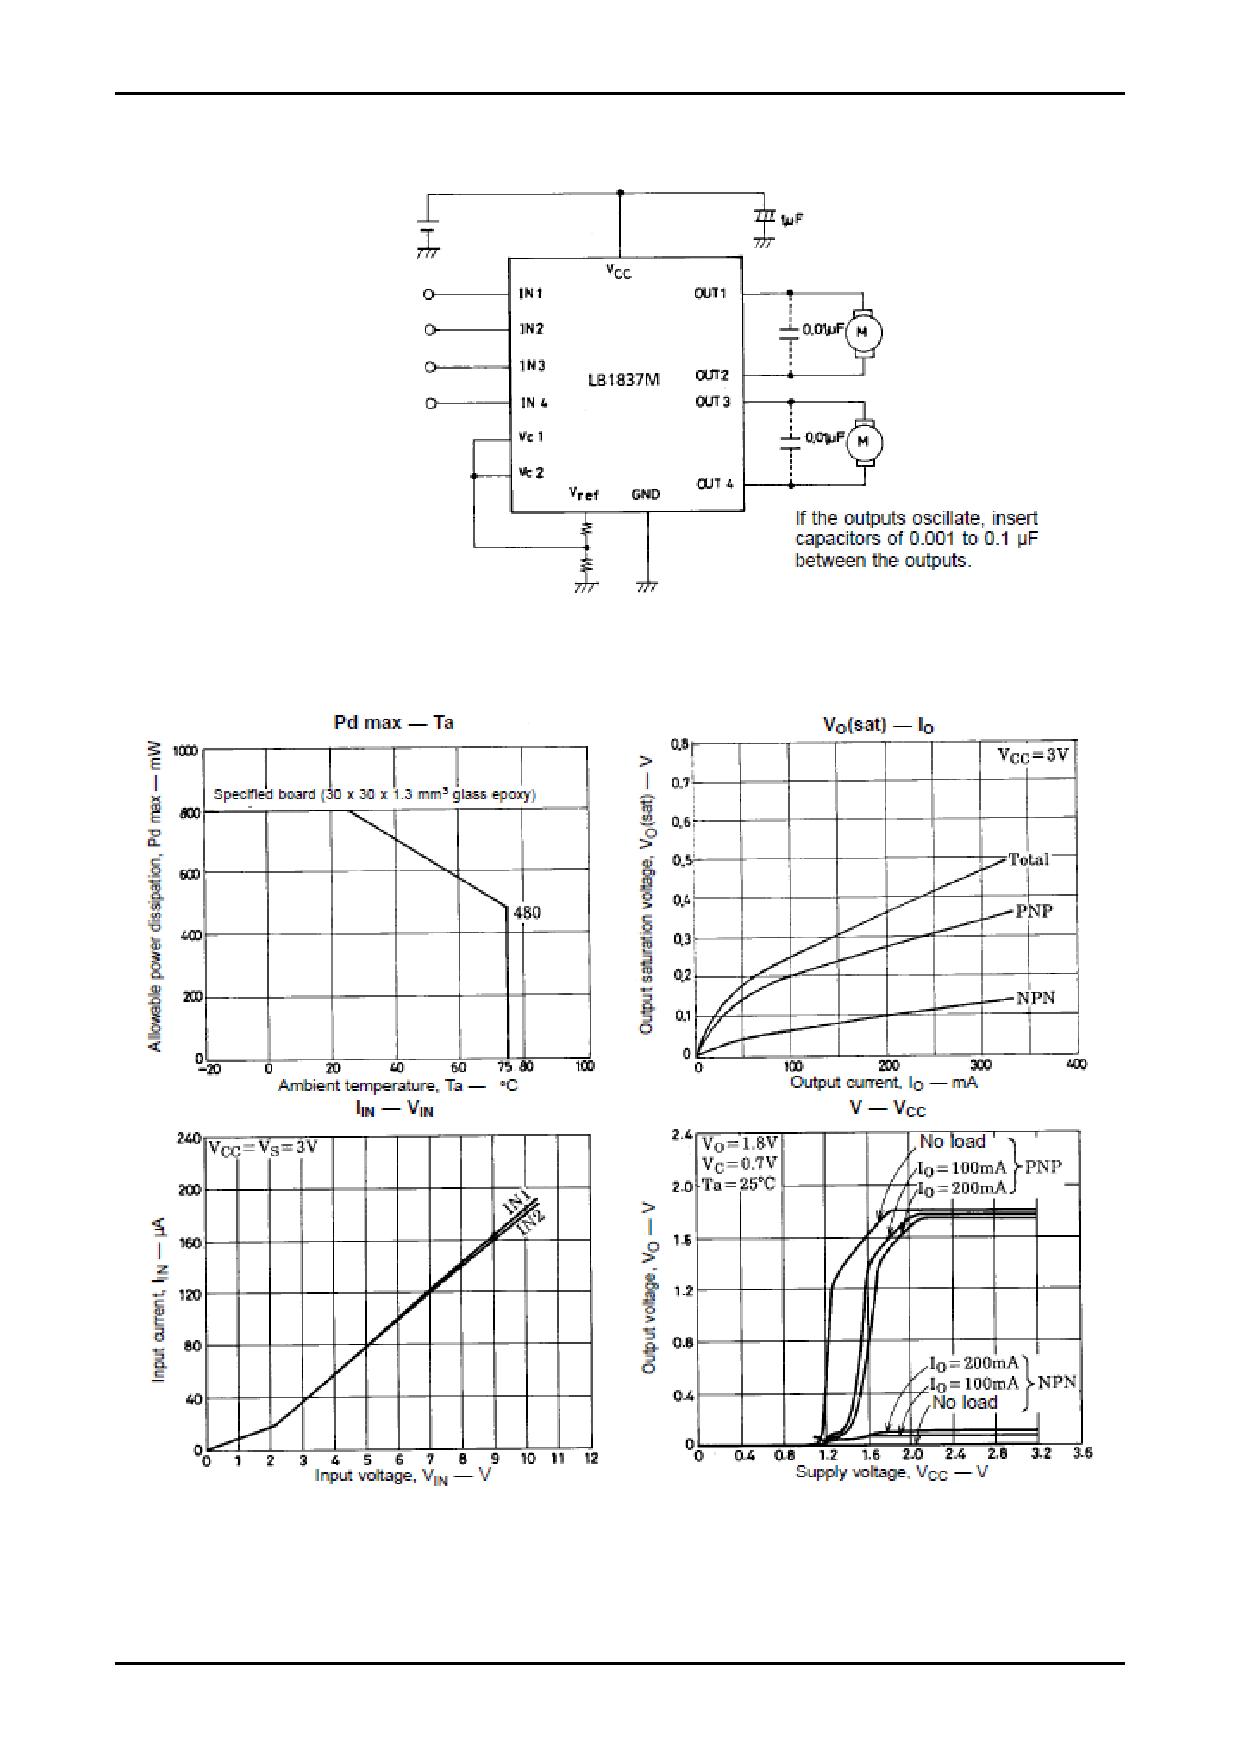 LB1837M pdf